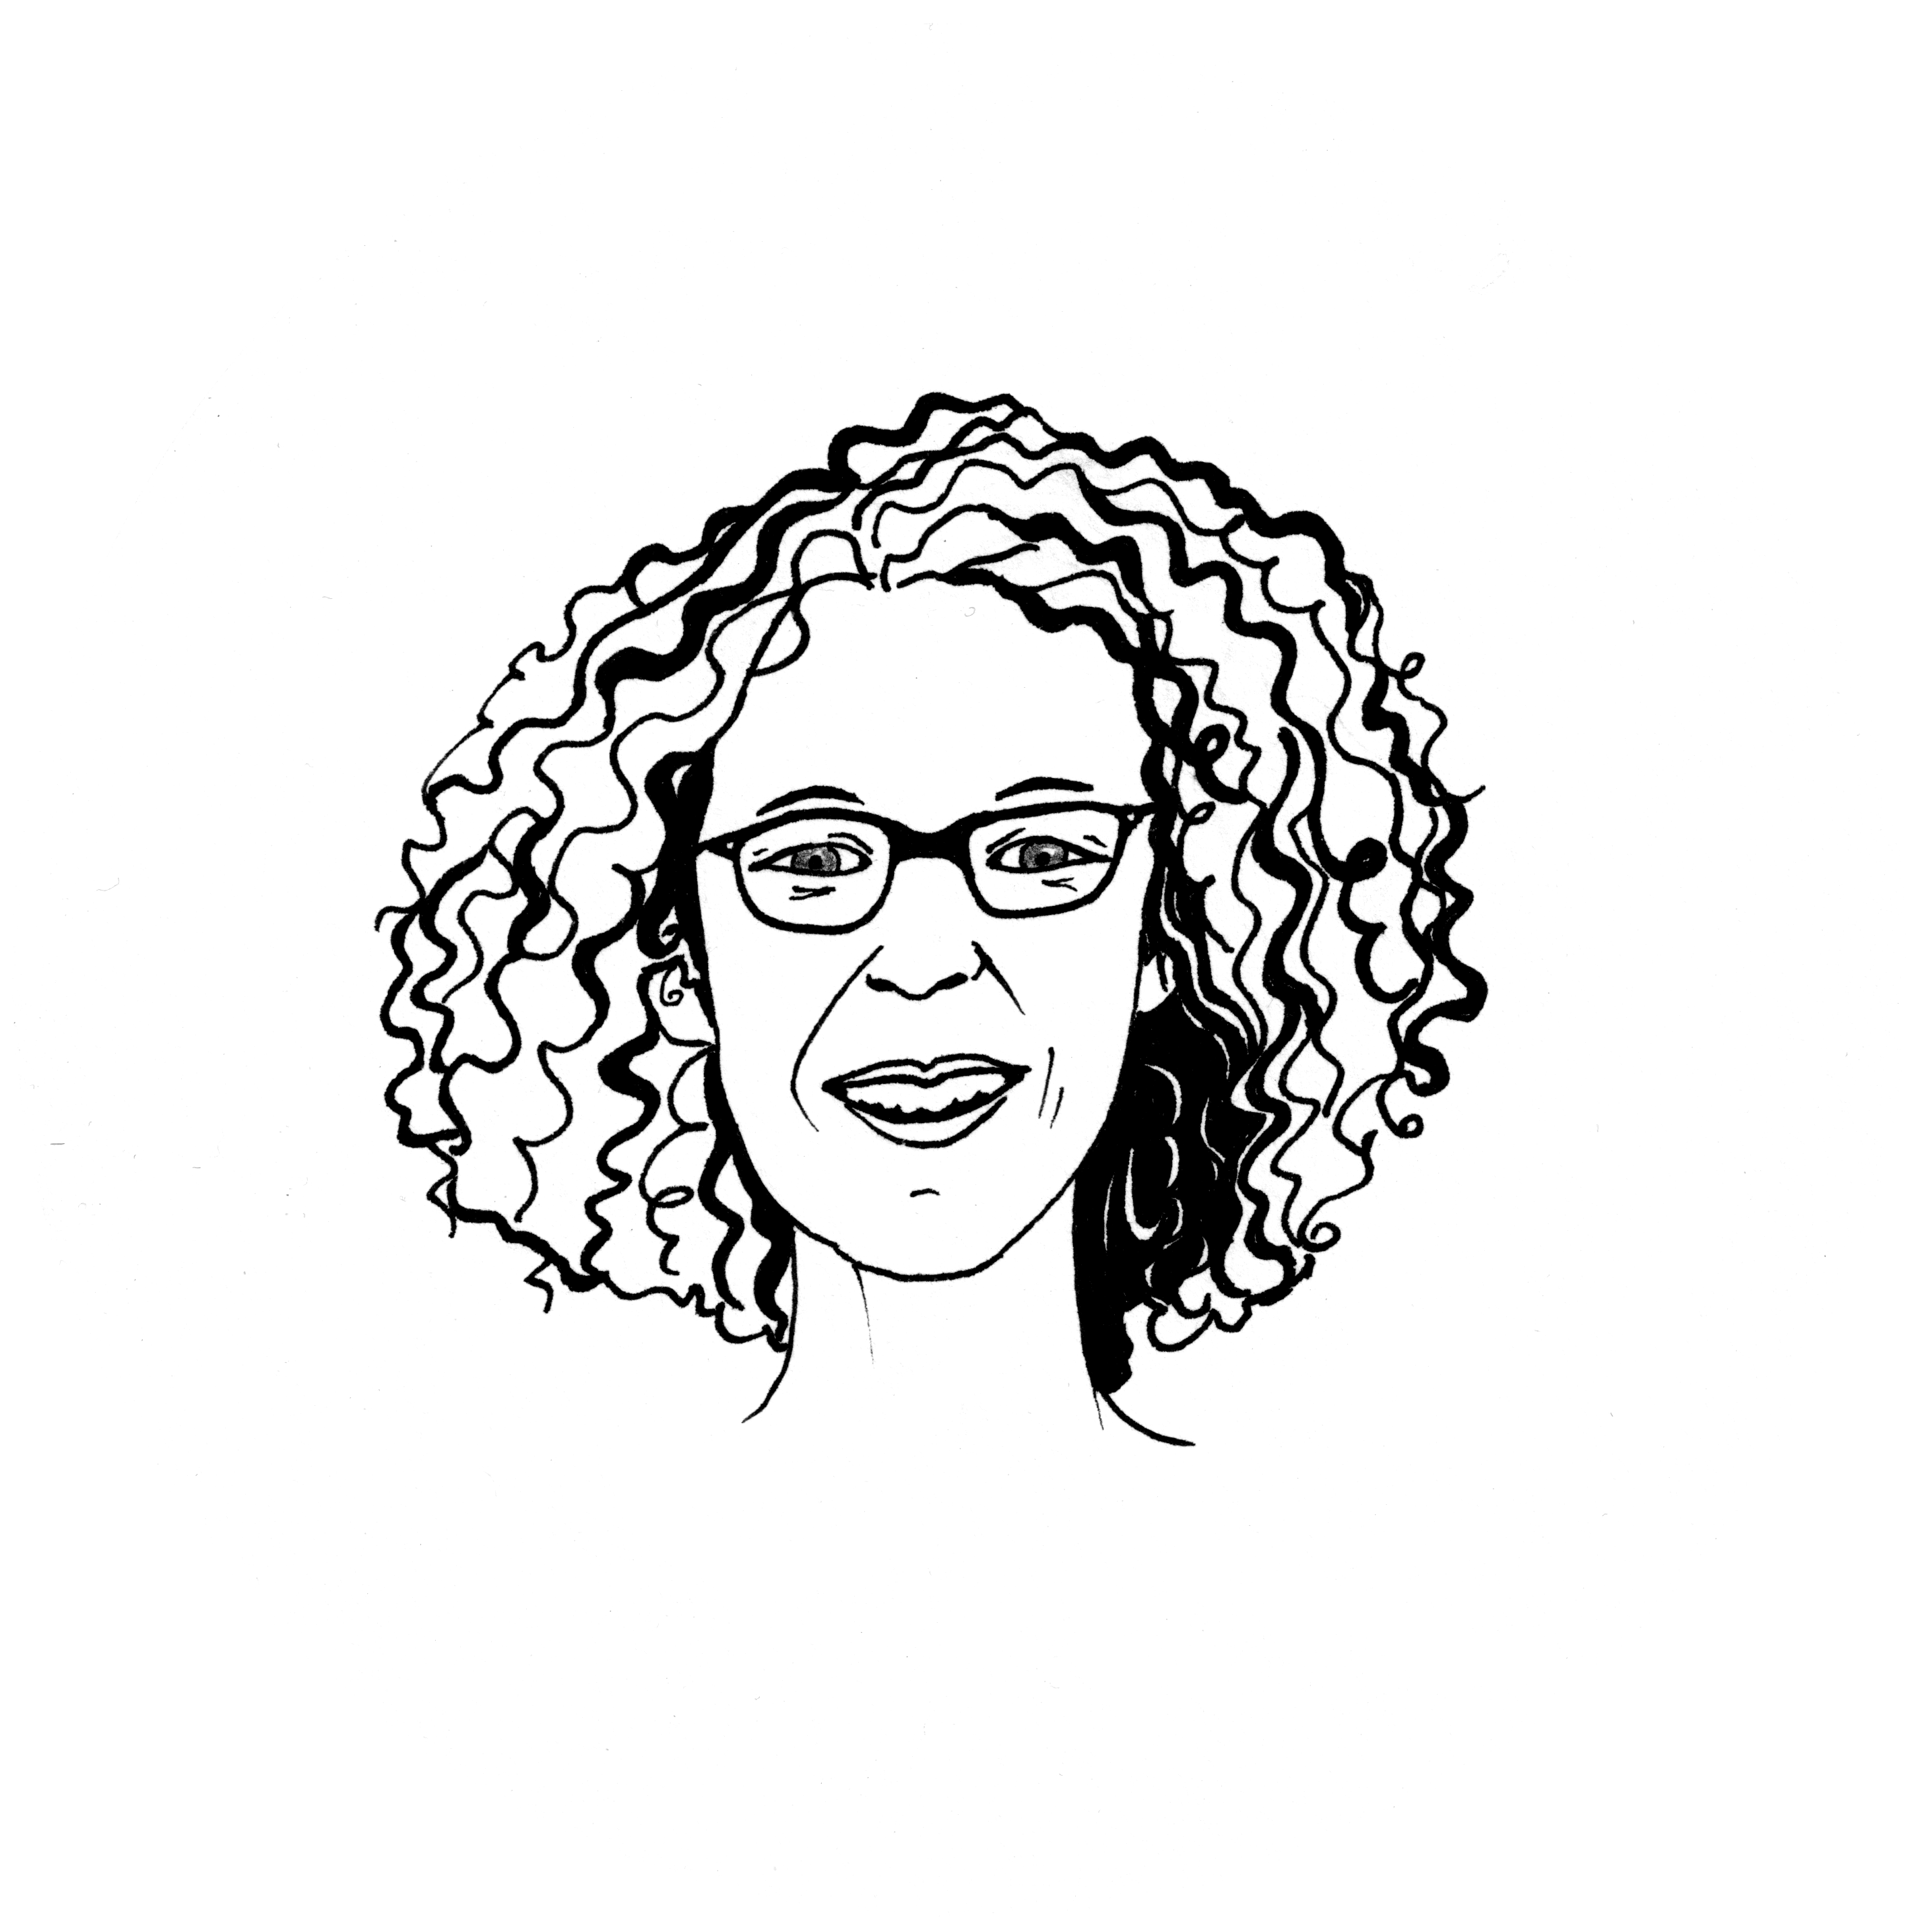 Transformatives Lernen für den gesellschaftlichen Wandel: Gespräch mit Jona Blum